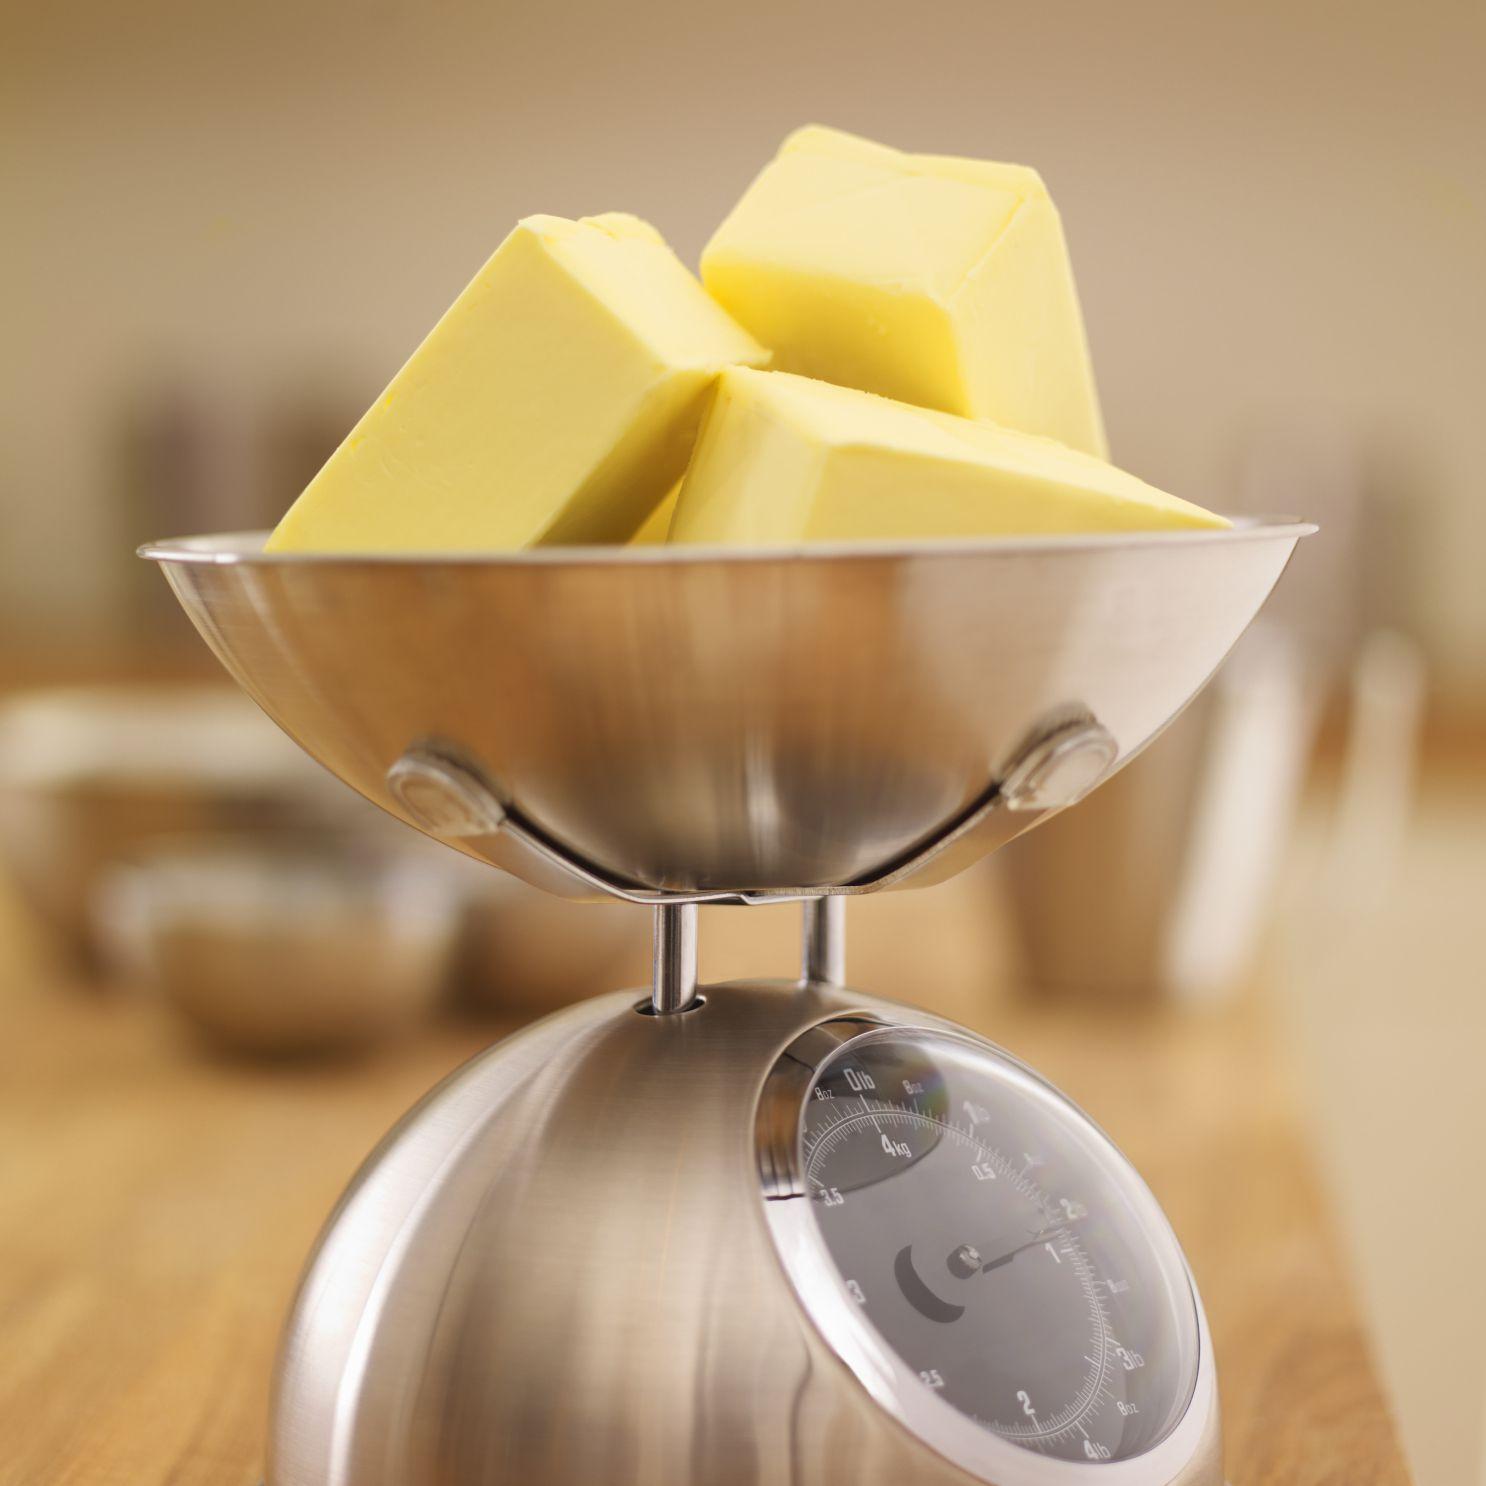 Mantequillas alimentos malos para el colesterol alto